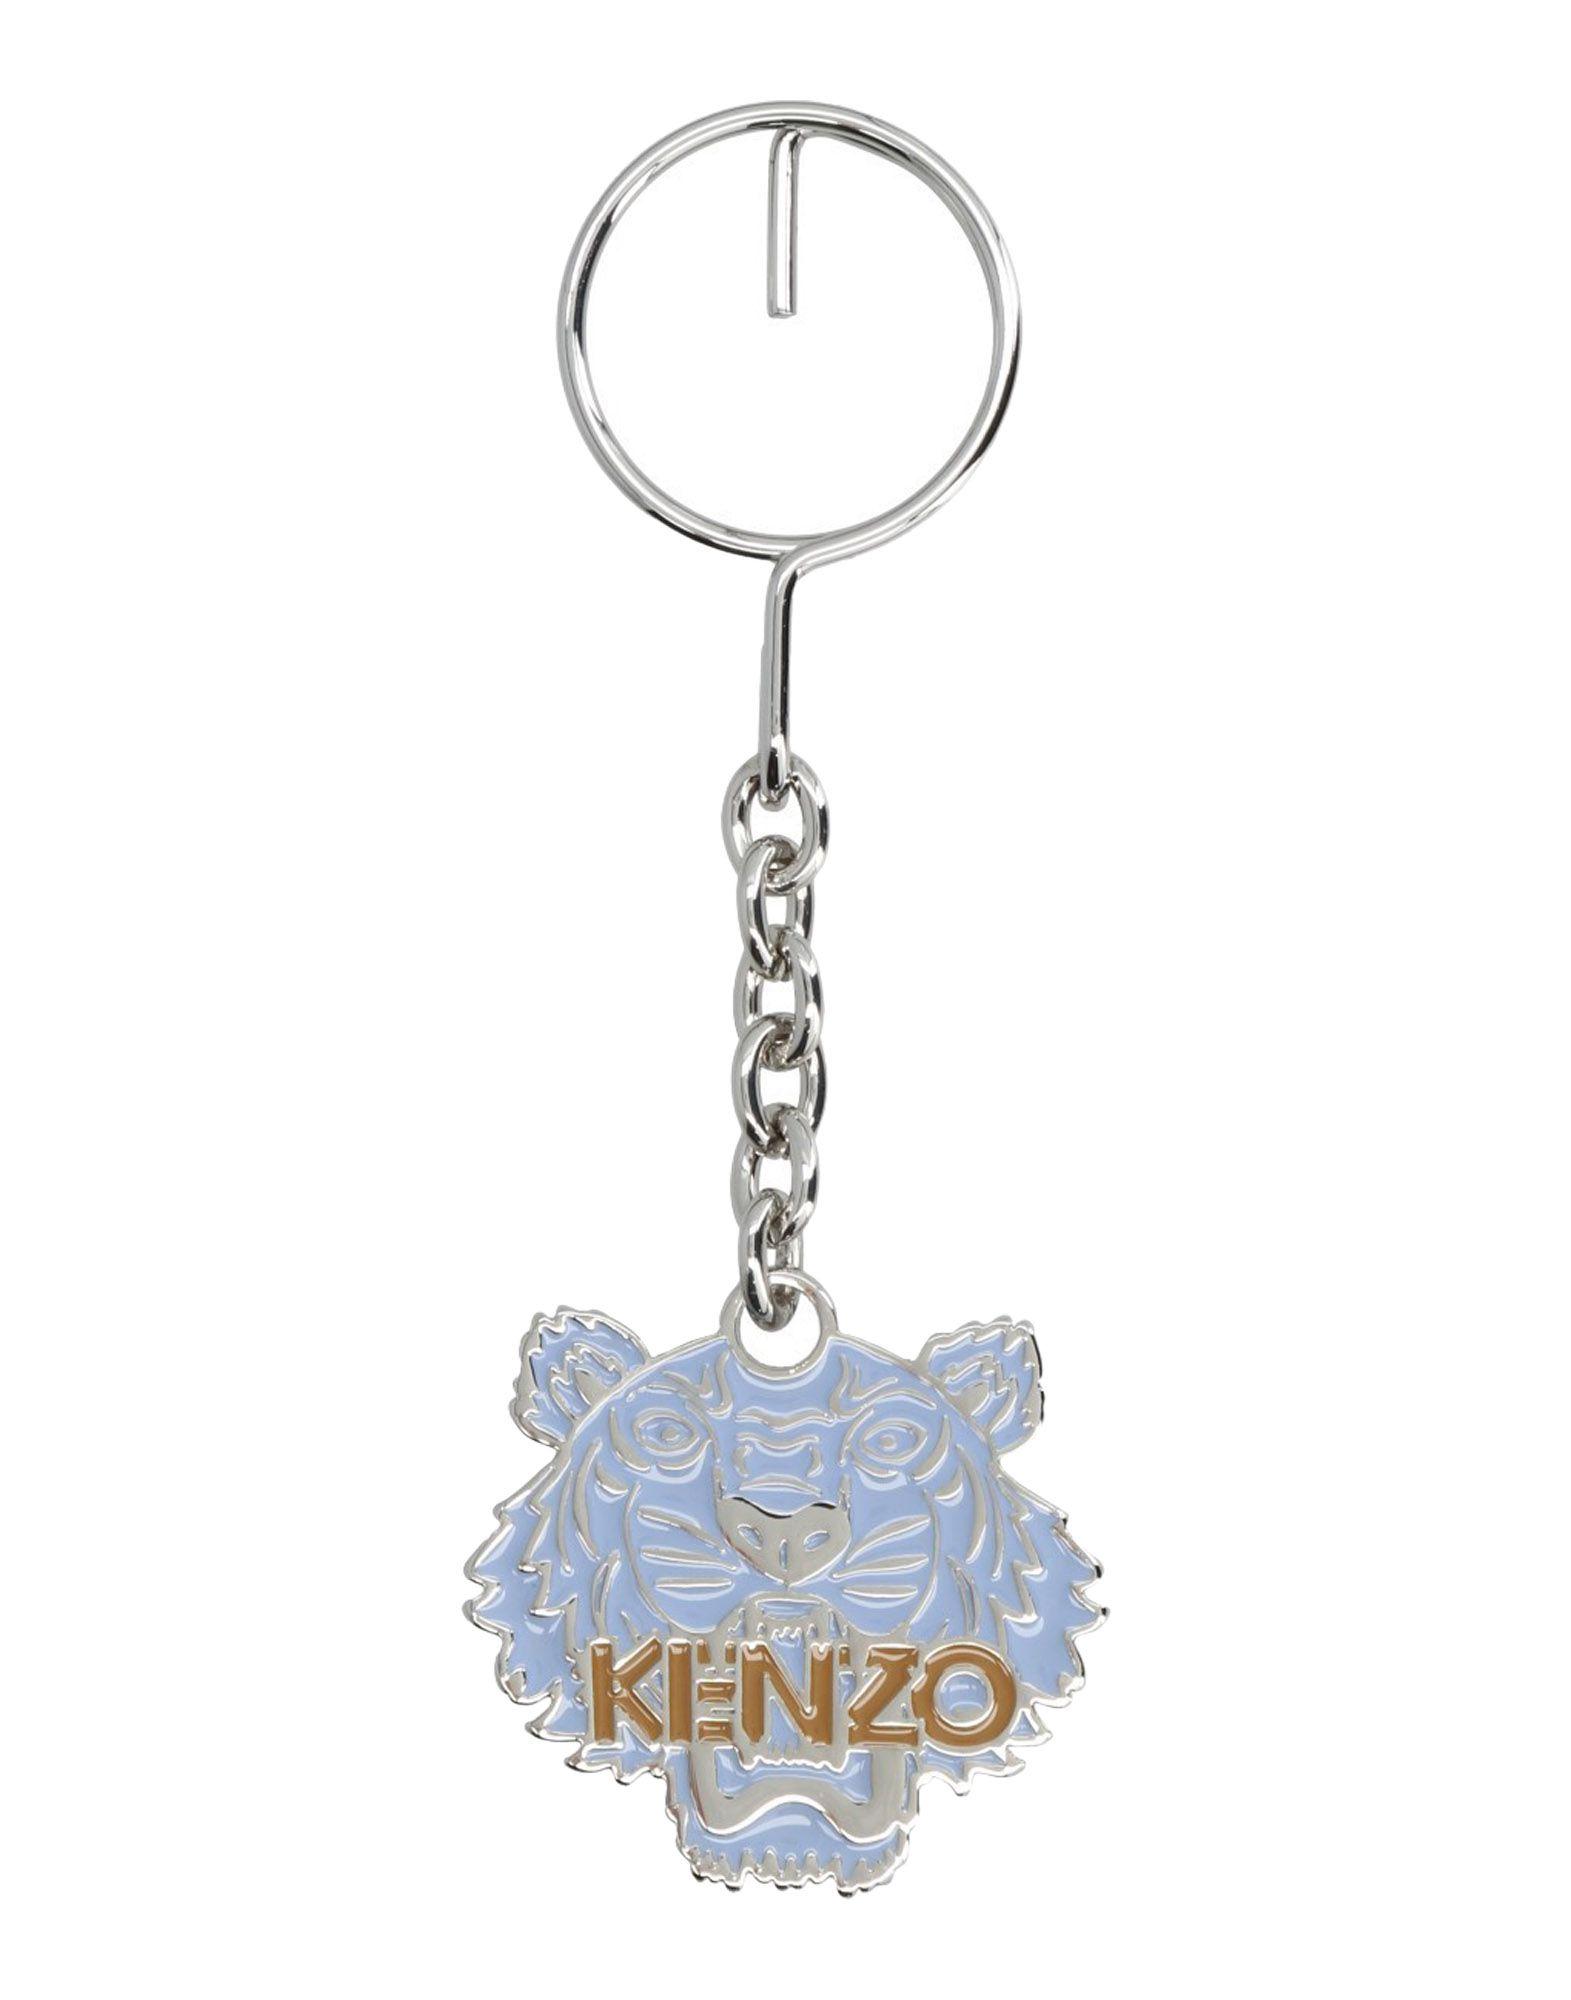 KENZO Брелок для ключей брелок для сумочки и ключей русские подарки брелок для сумочки и ключей